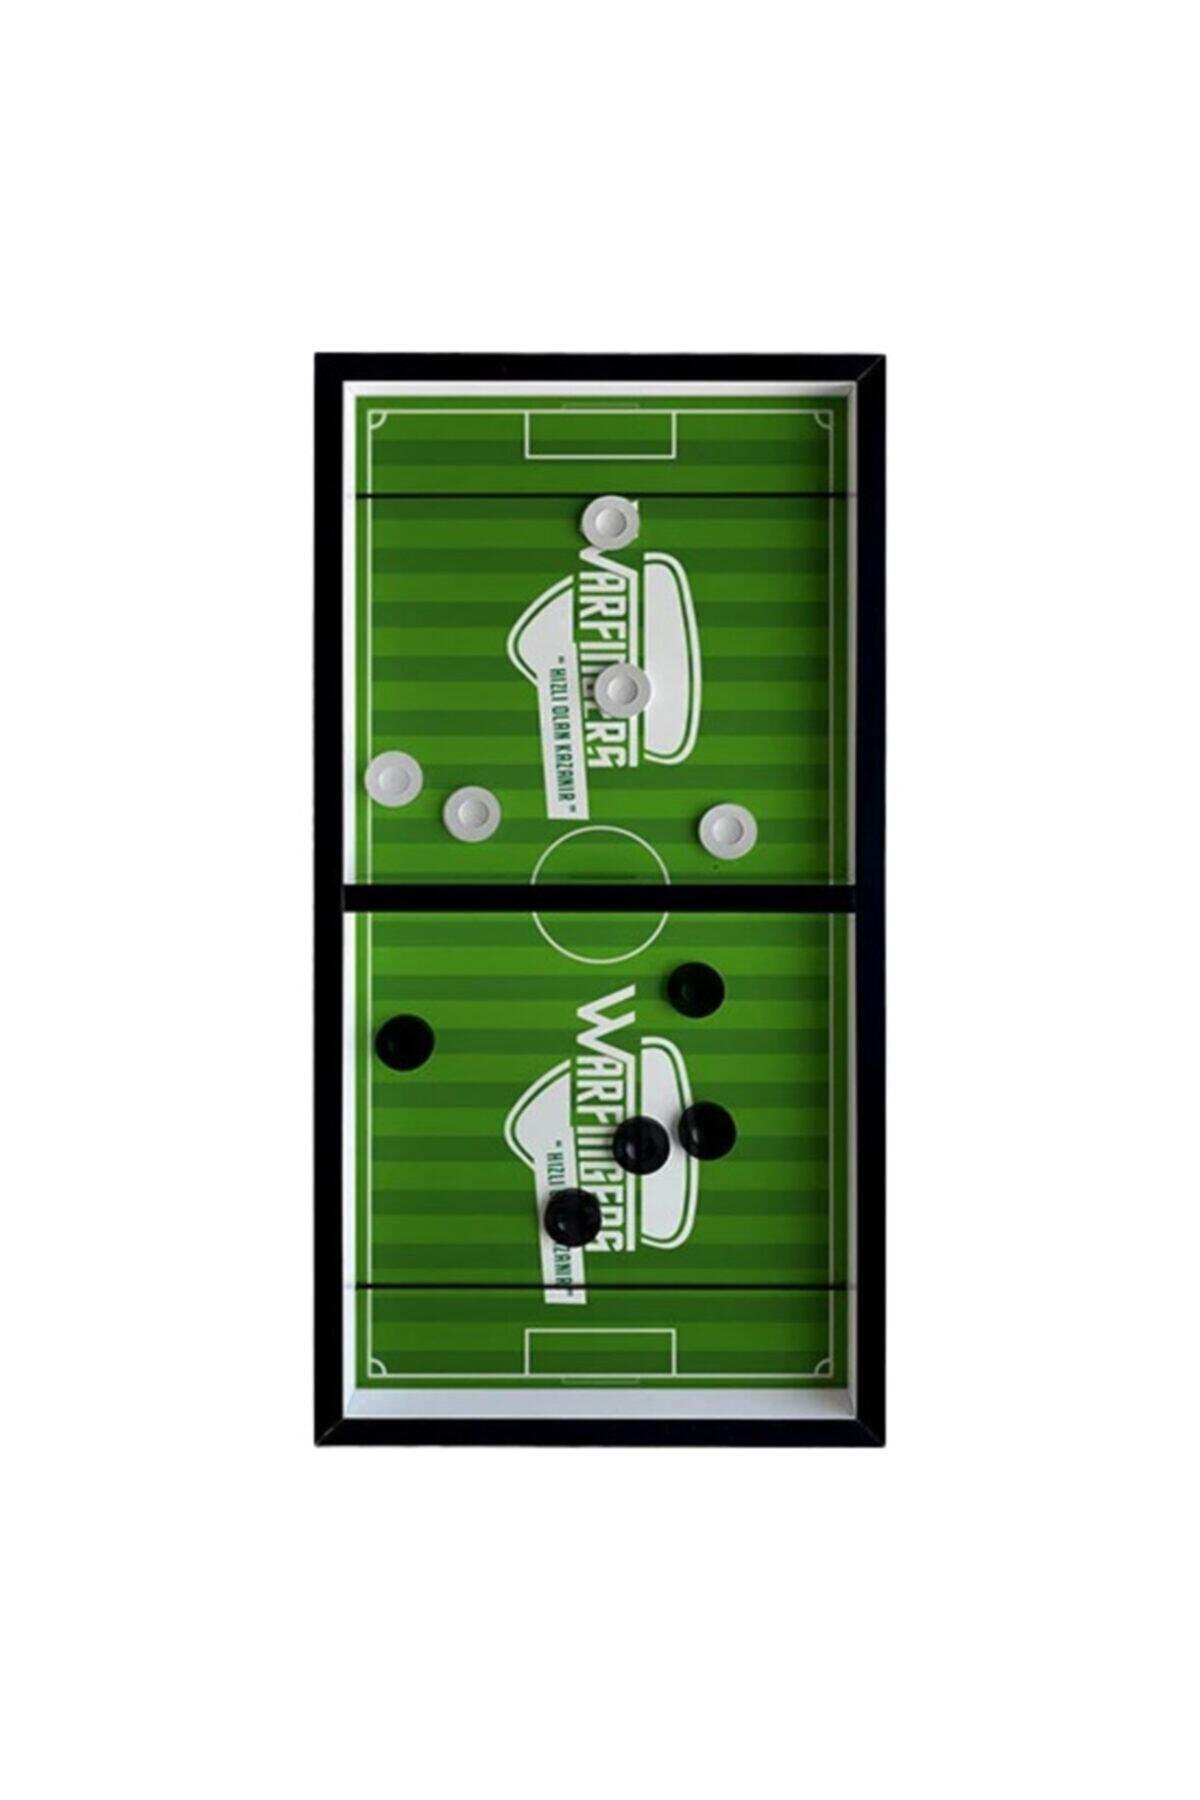 Lastikli Futbol Slingpuck Şut Ve Gol Hızlı Sapan Masa Üstü Futbol Oyunu